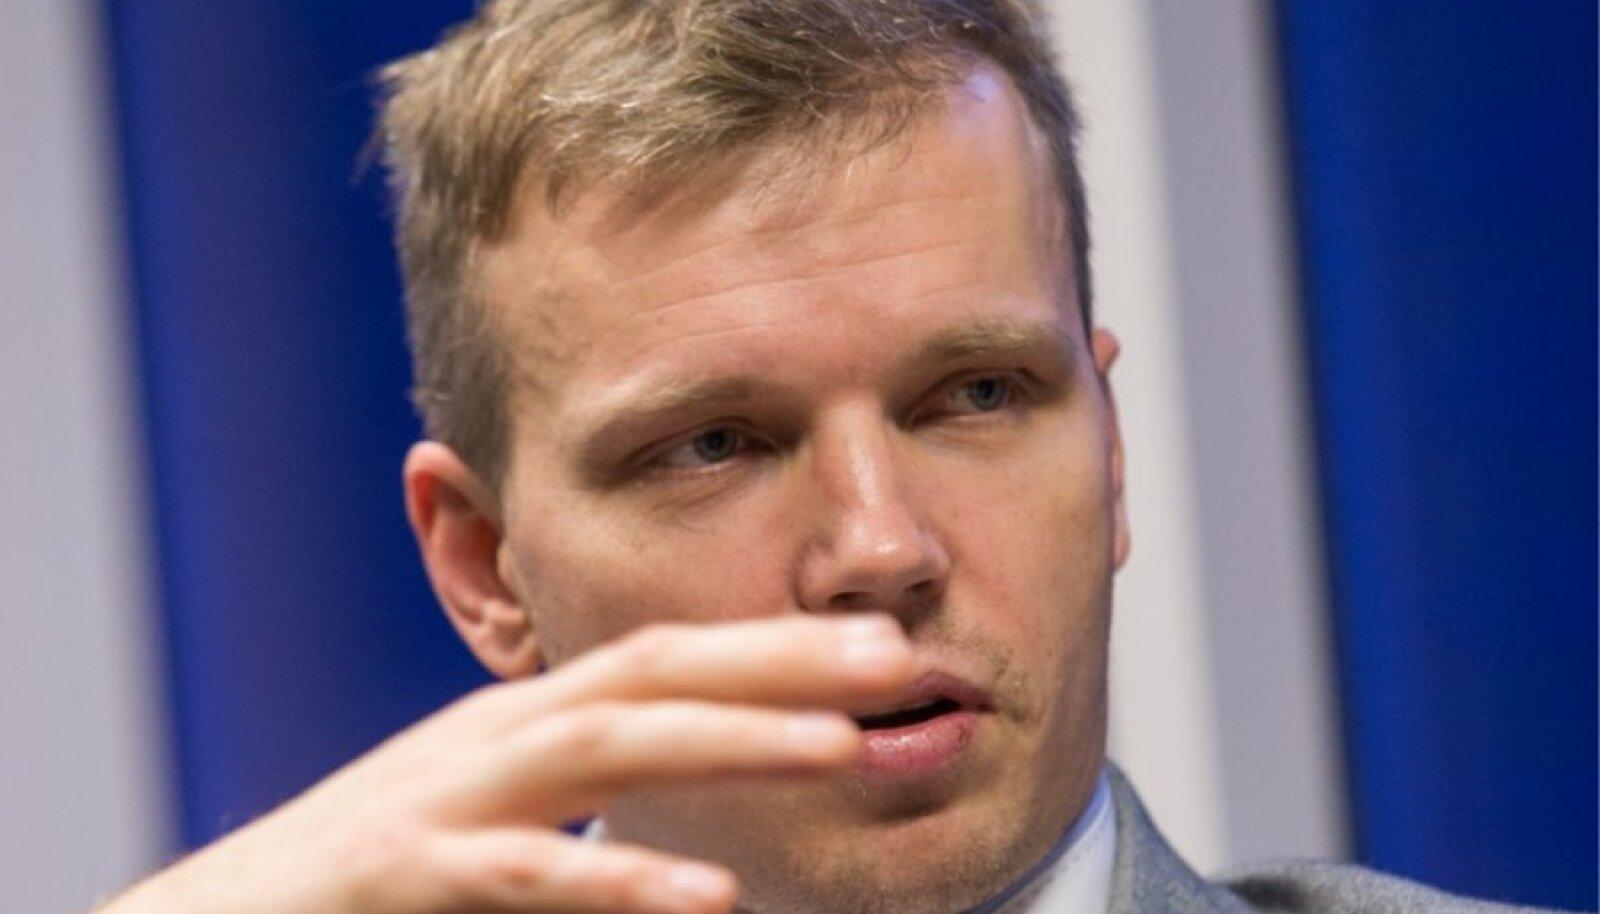 Maksuameti peadirektori asetäitja Egon Veermäe ütleb, et üüritulult oodatav maksusumma pole füüsilise isiku tulumaksu kogulaekumisega – mullu 306 miljonit eurot – võrreldes suur summa, kuid küsimus on õigluses.